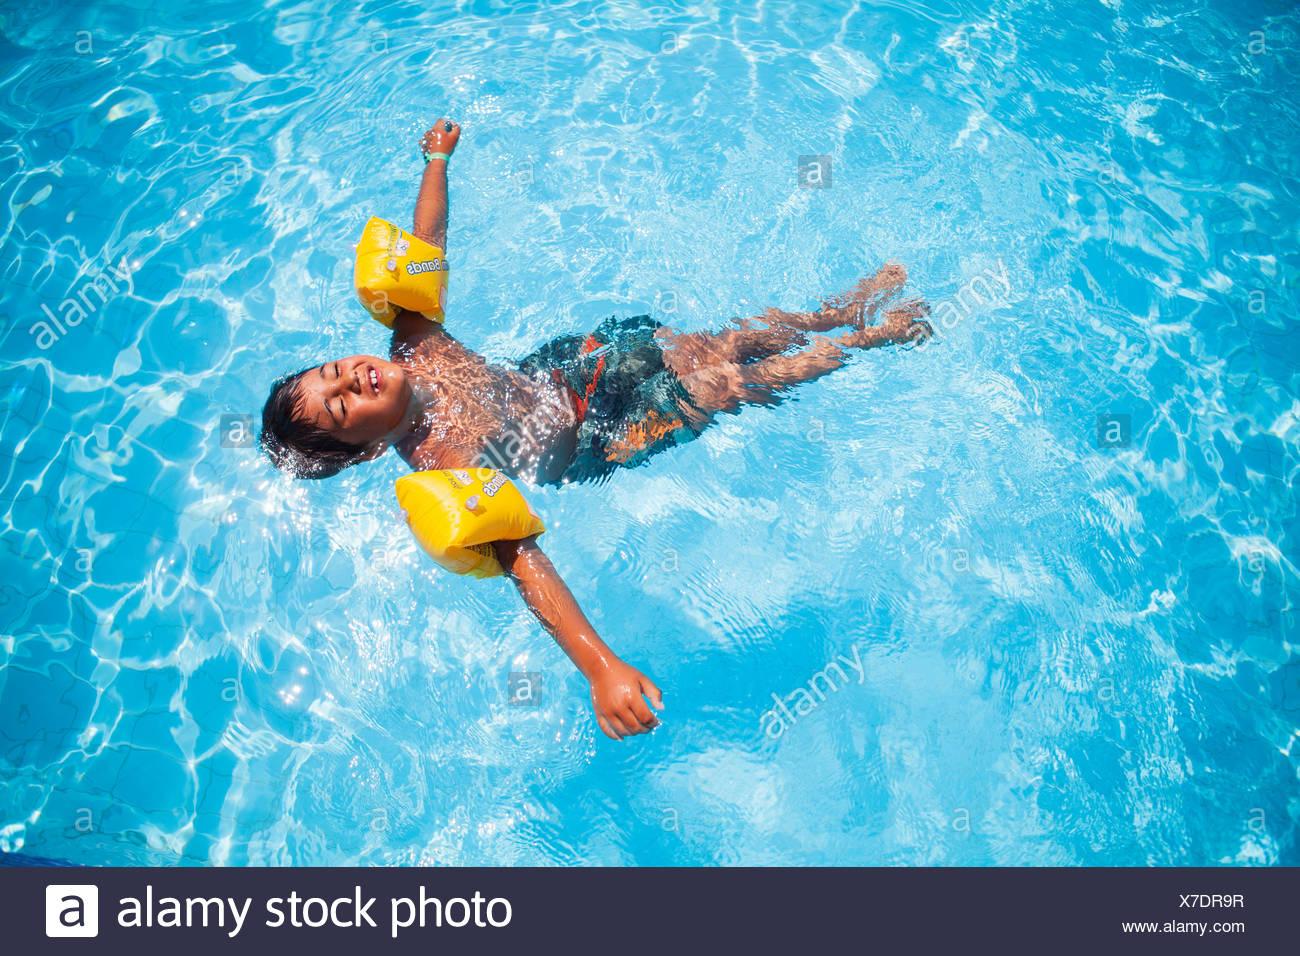 Ein junger Mann, Schwimmflügel Schwimmen in einem Pool Stockbild